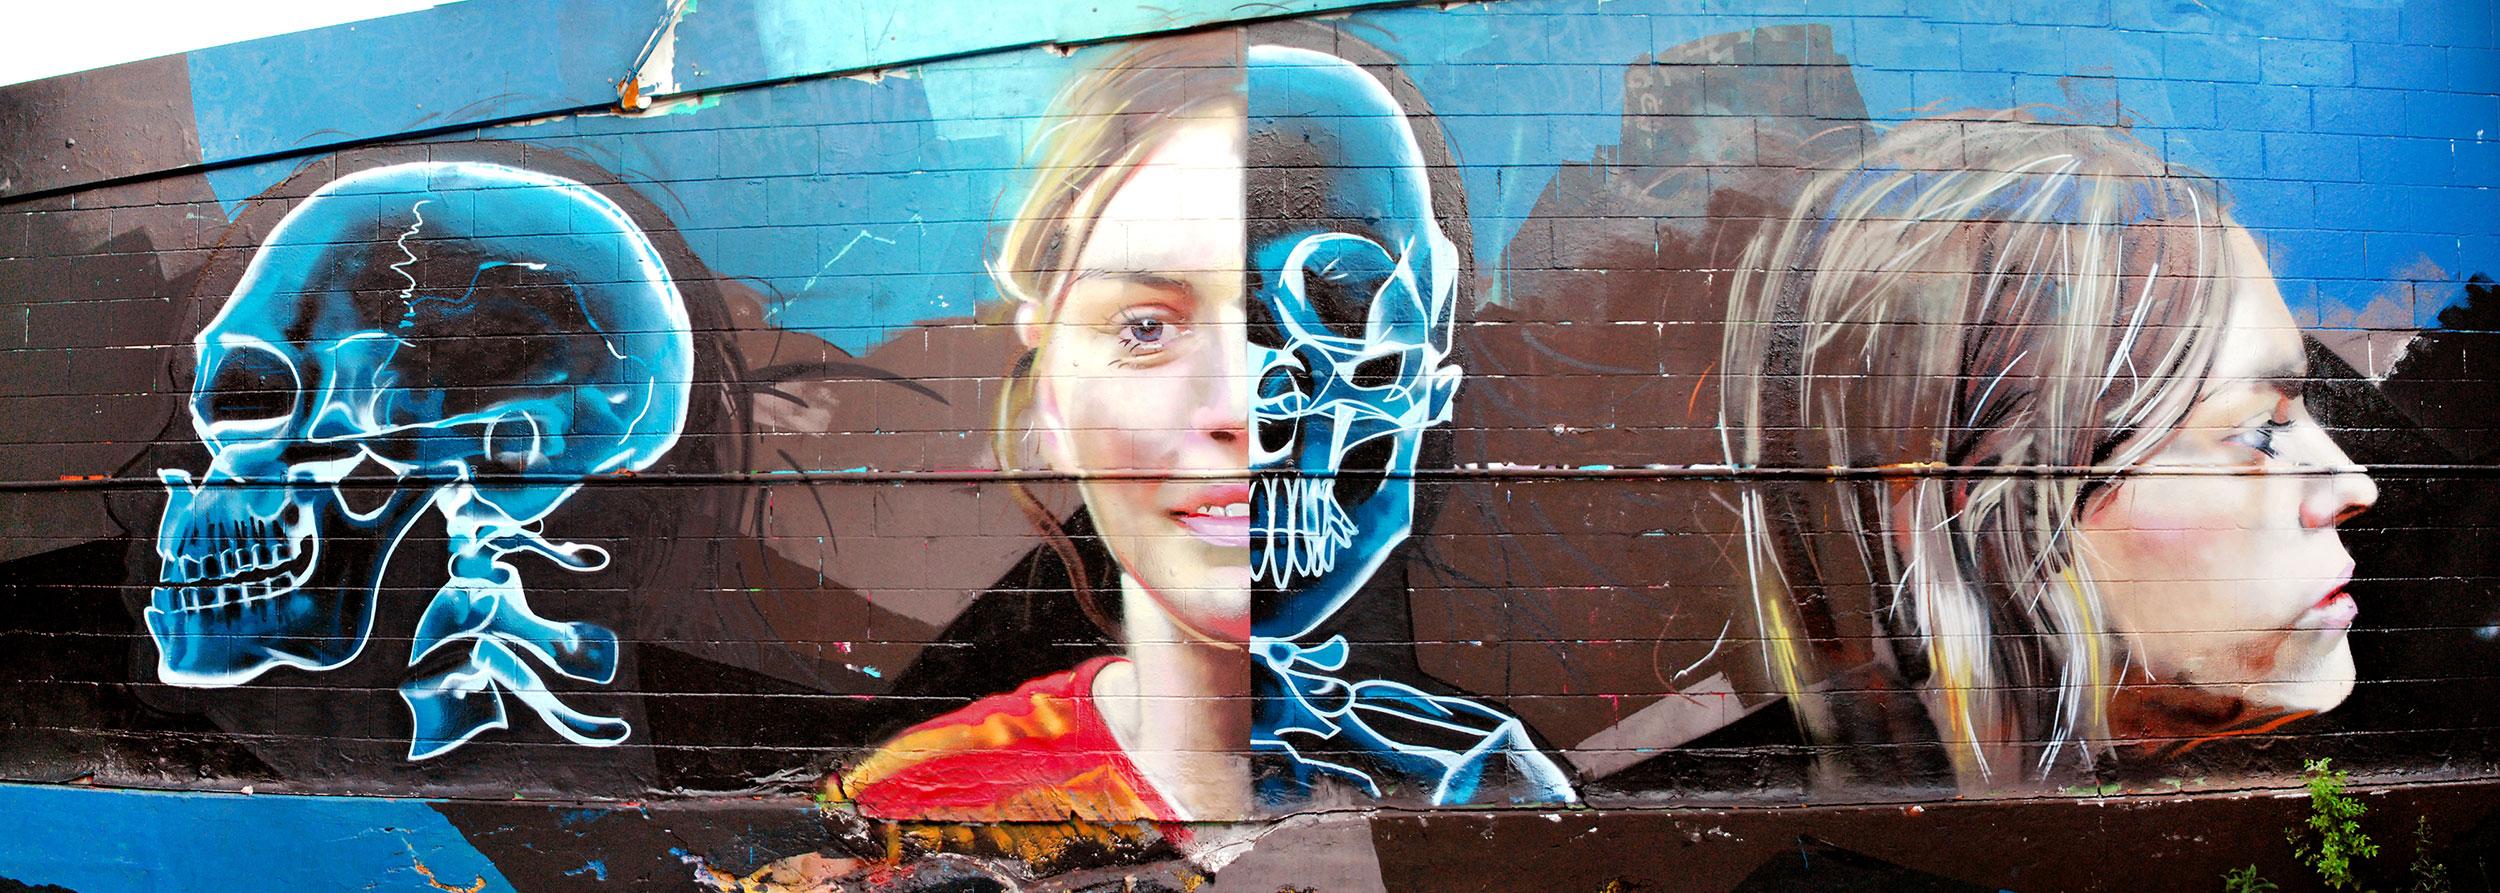 gus-eagleton-2013-the-inbetween-mural-wall-1-brisbane.jpg